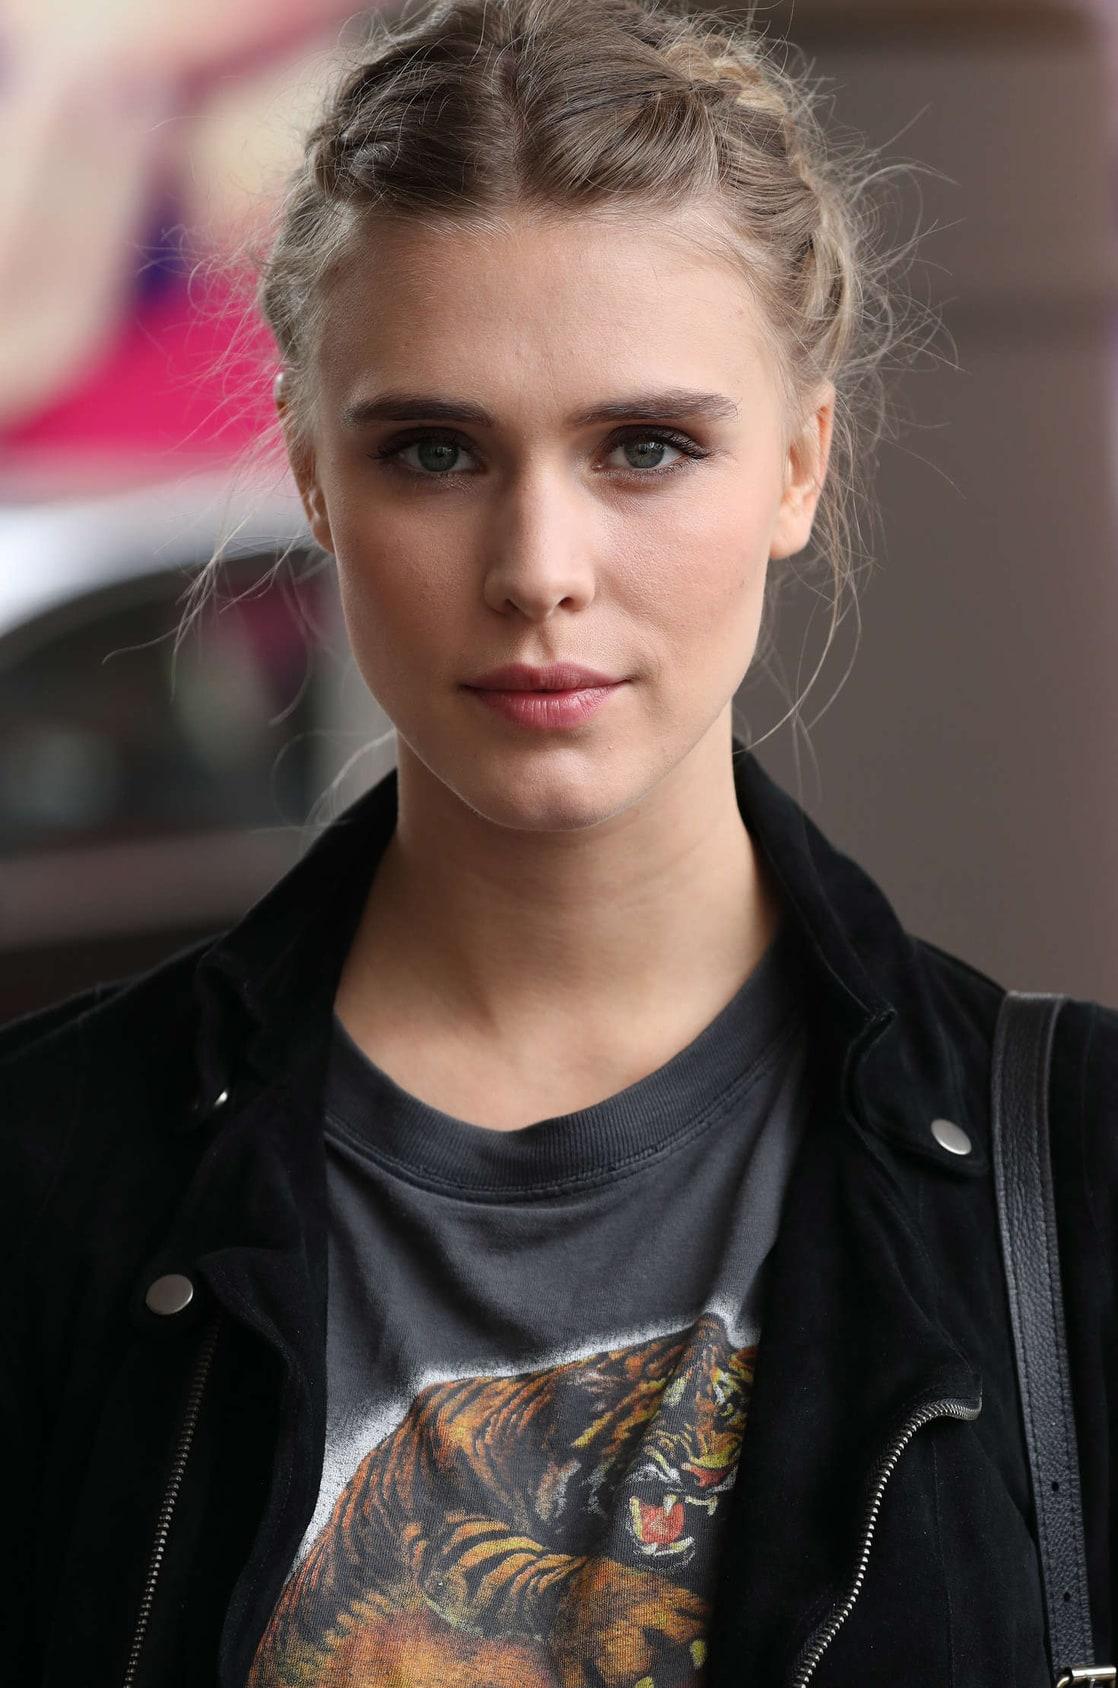 Sibylla Budd